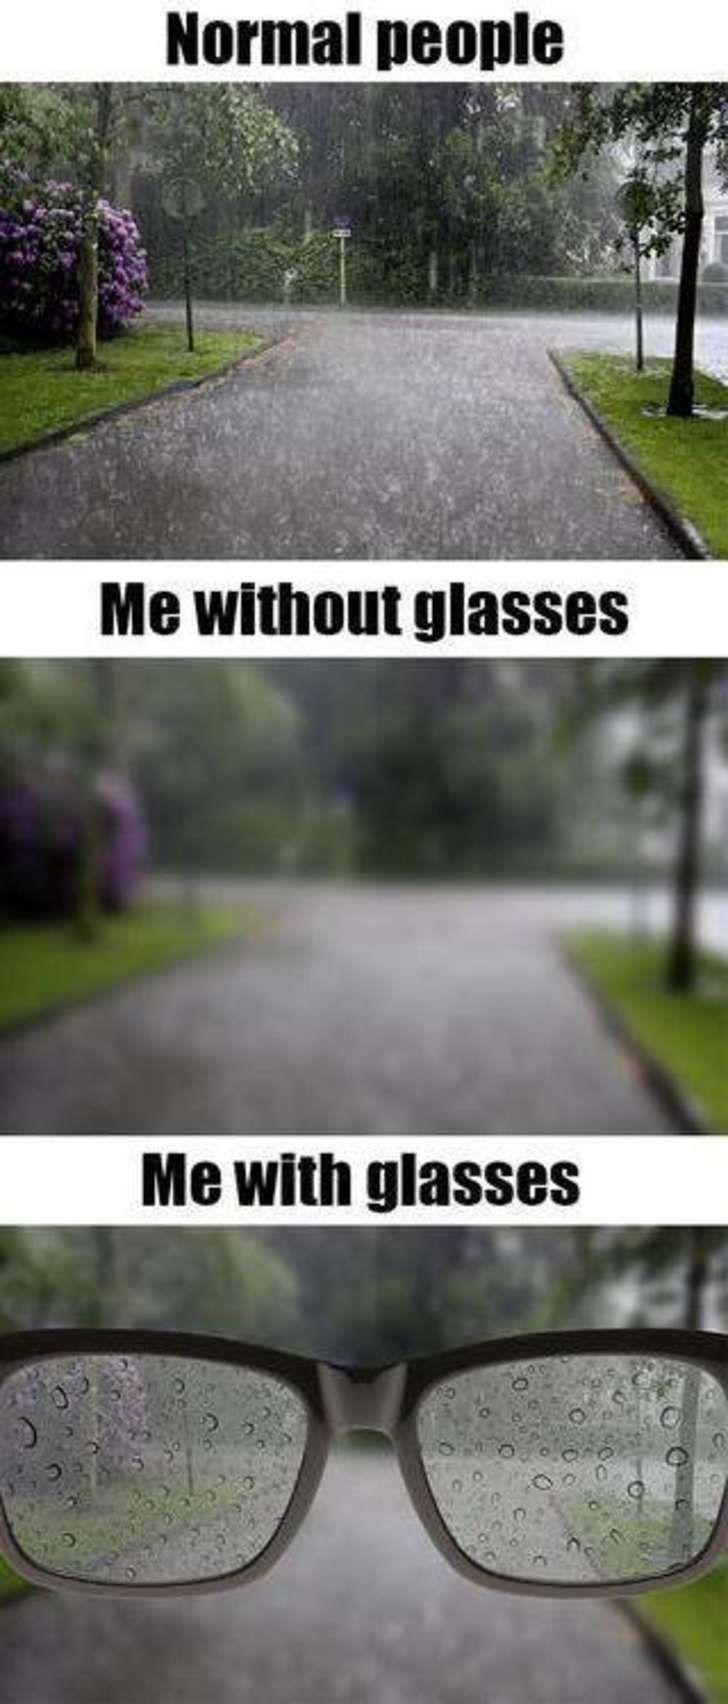 10 rắc rối hài hước chỉ những ai đeo kính cận mới hiểu